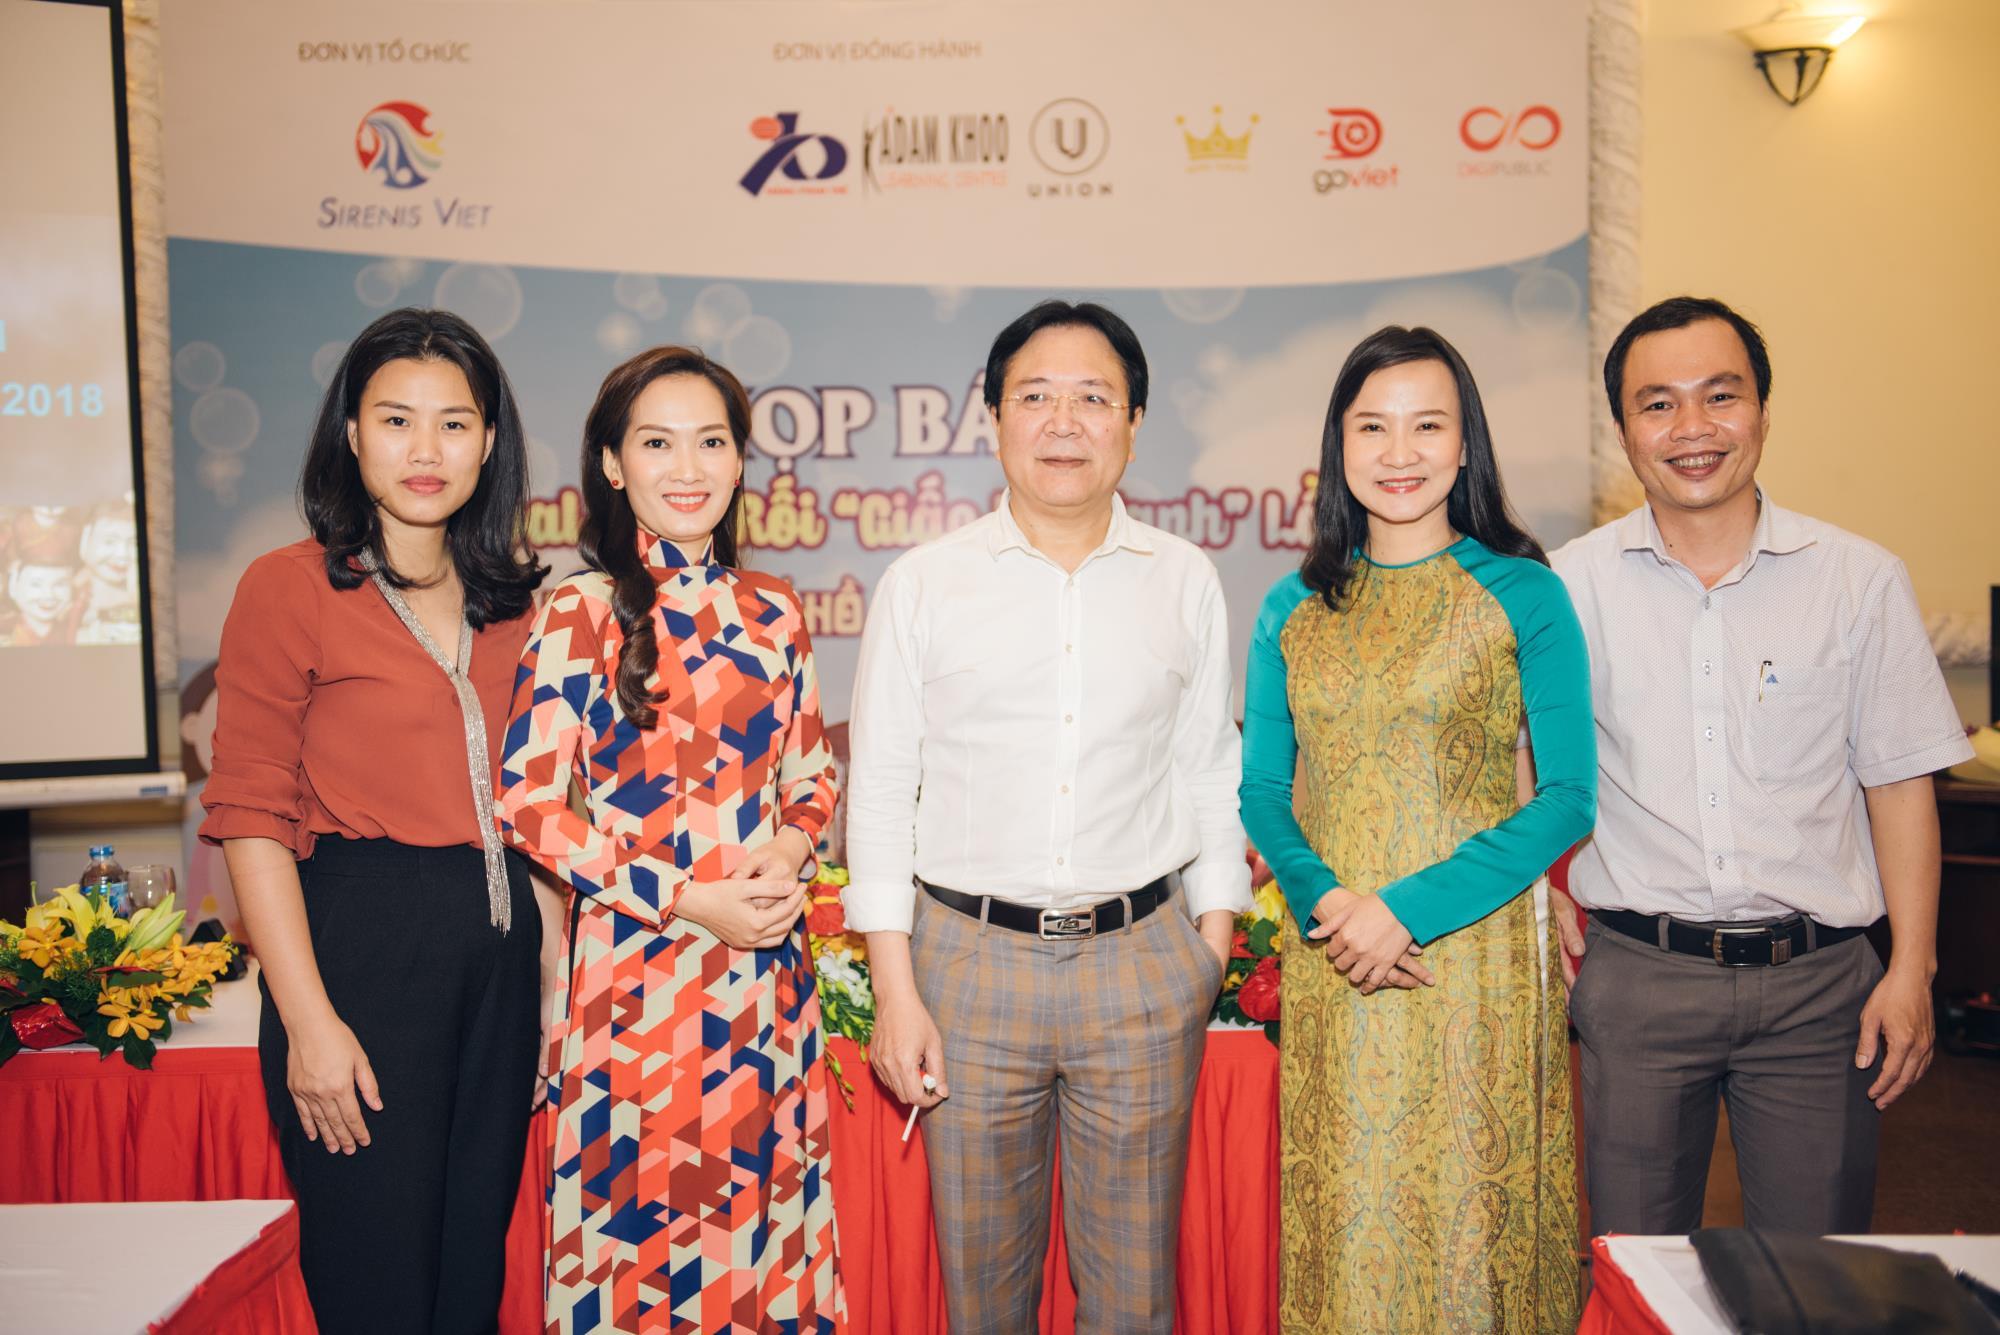 Festival Múa rối - Khi hồn quê Việt Nam hòa cùng tinh hoa văn hóa hiện đại - Ảnh 2